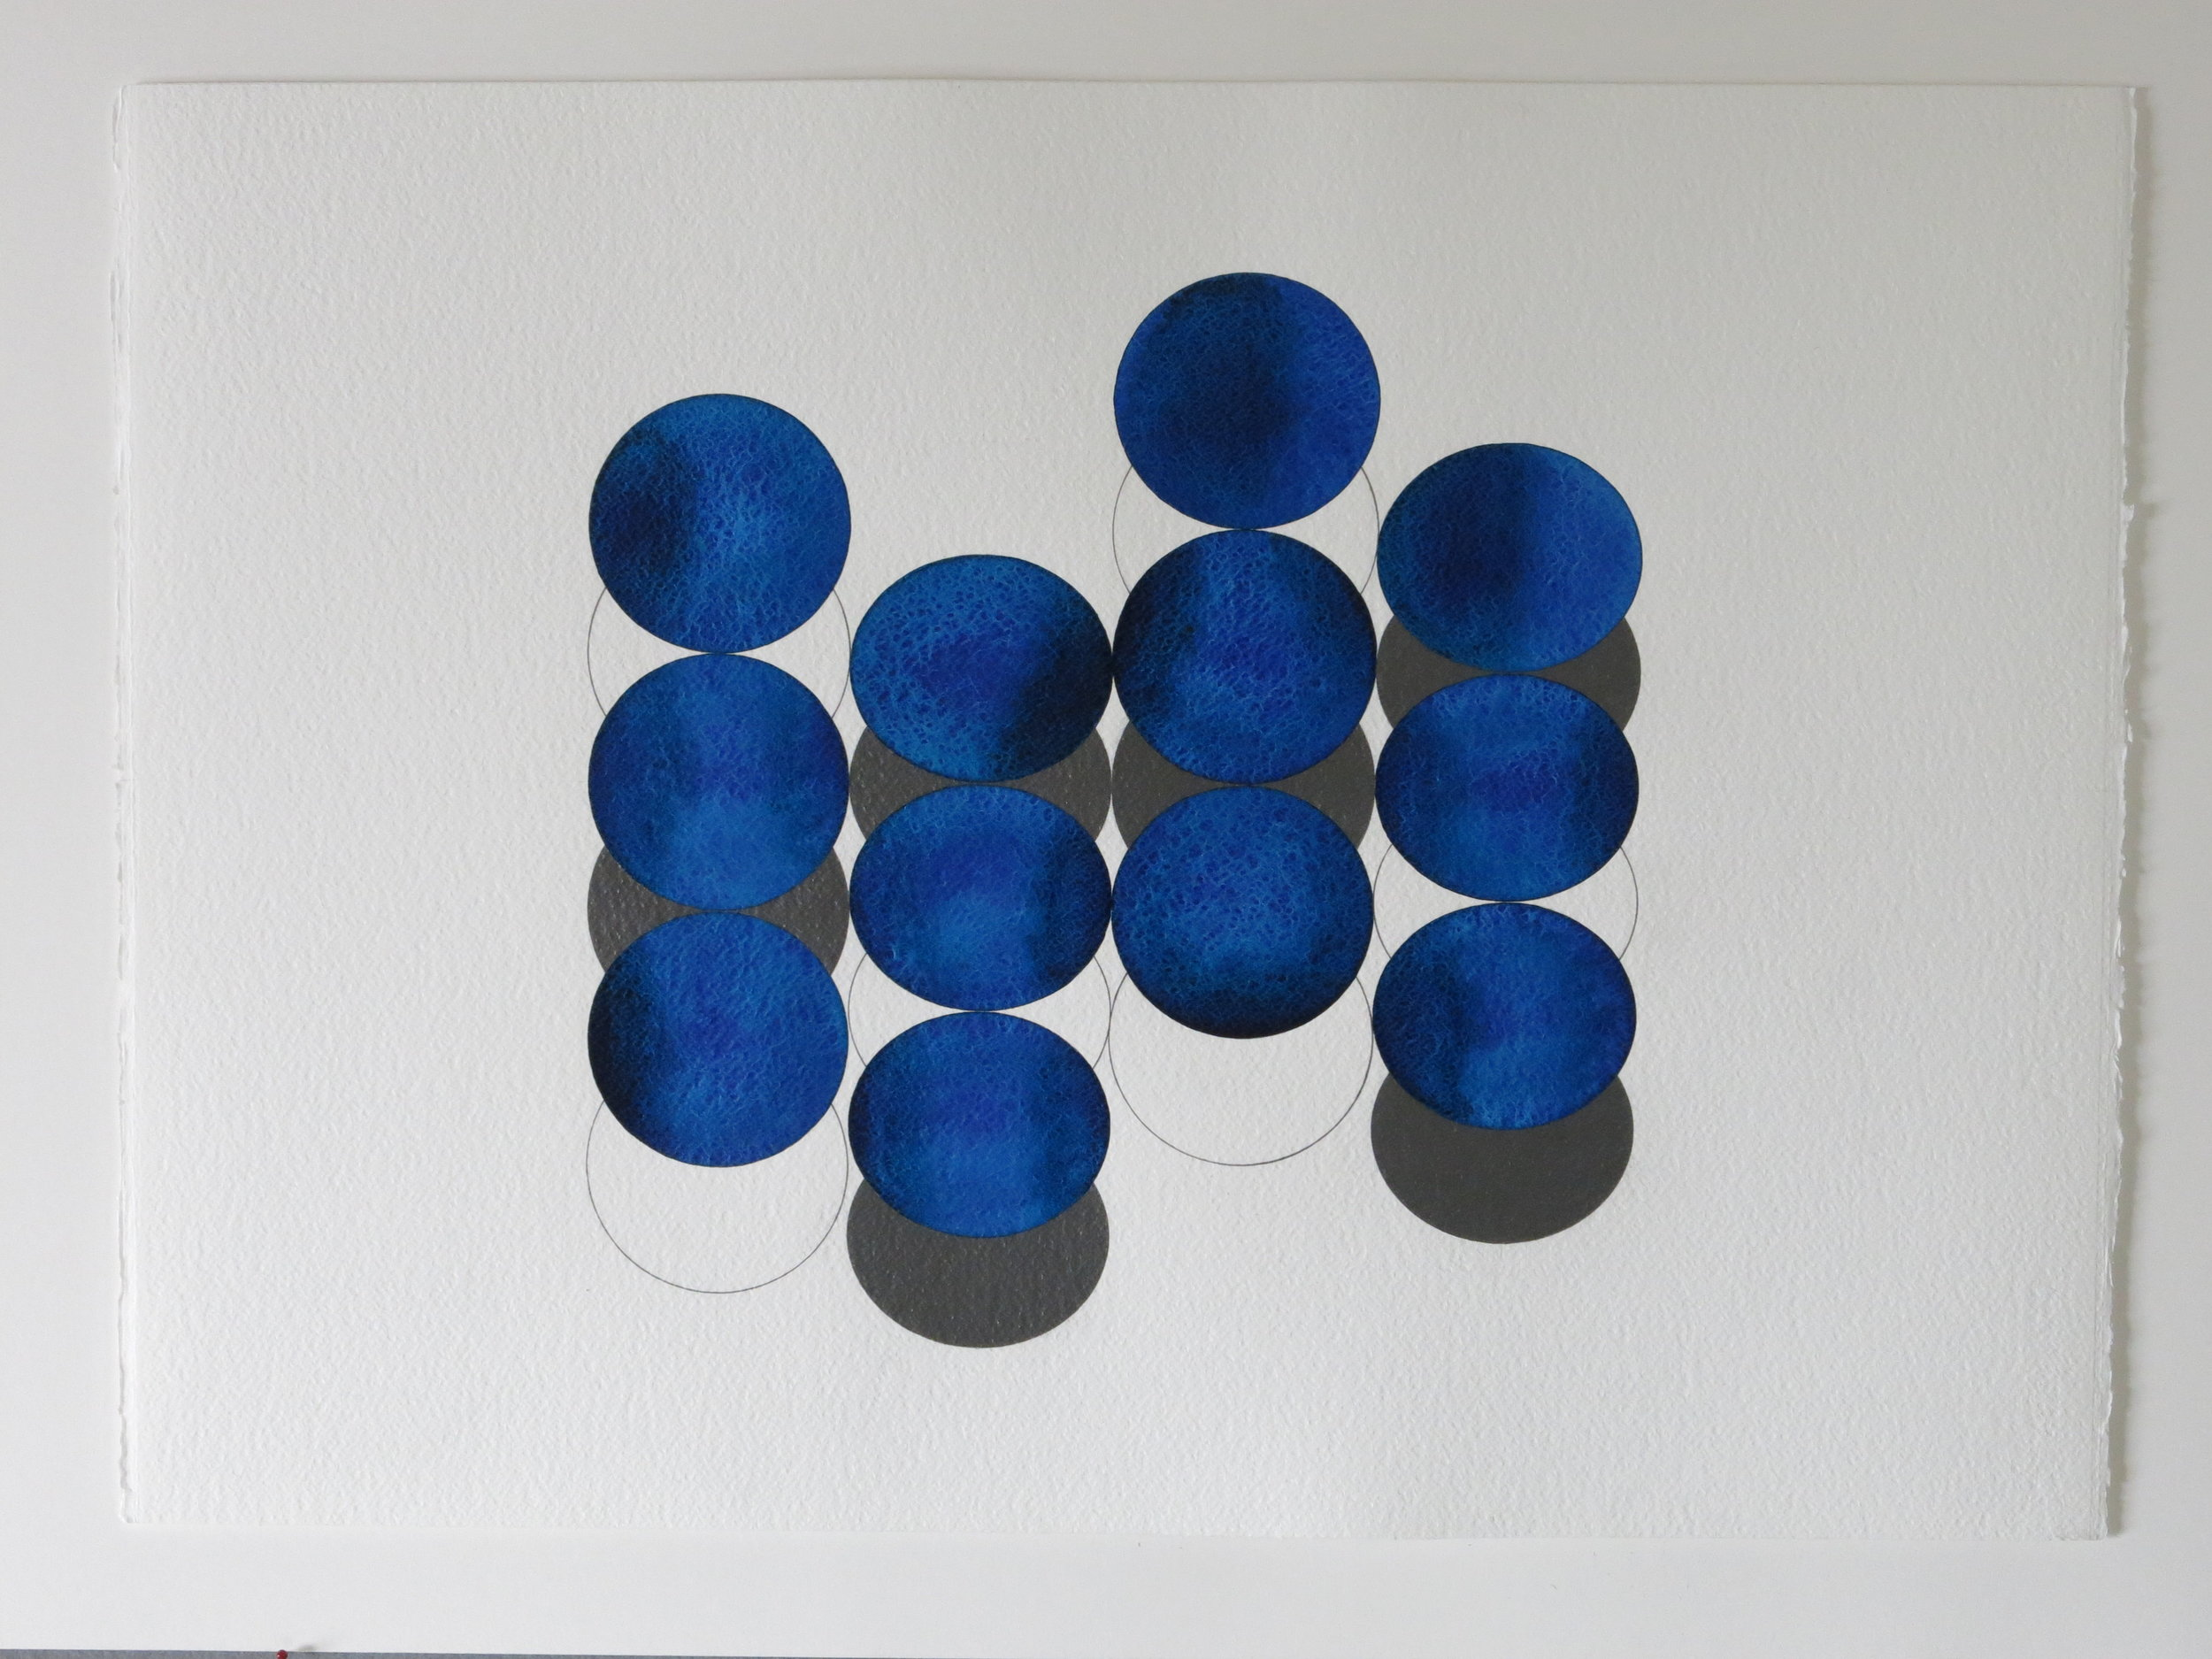 'Smoke and Mirrors 1' 2016, aquarelle et crayon sur papier, 56 x 76 cm